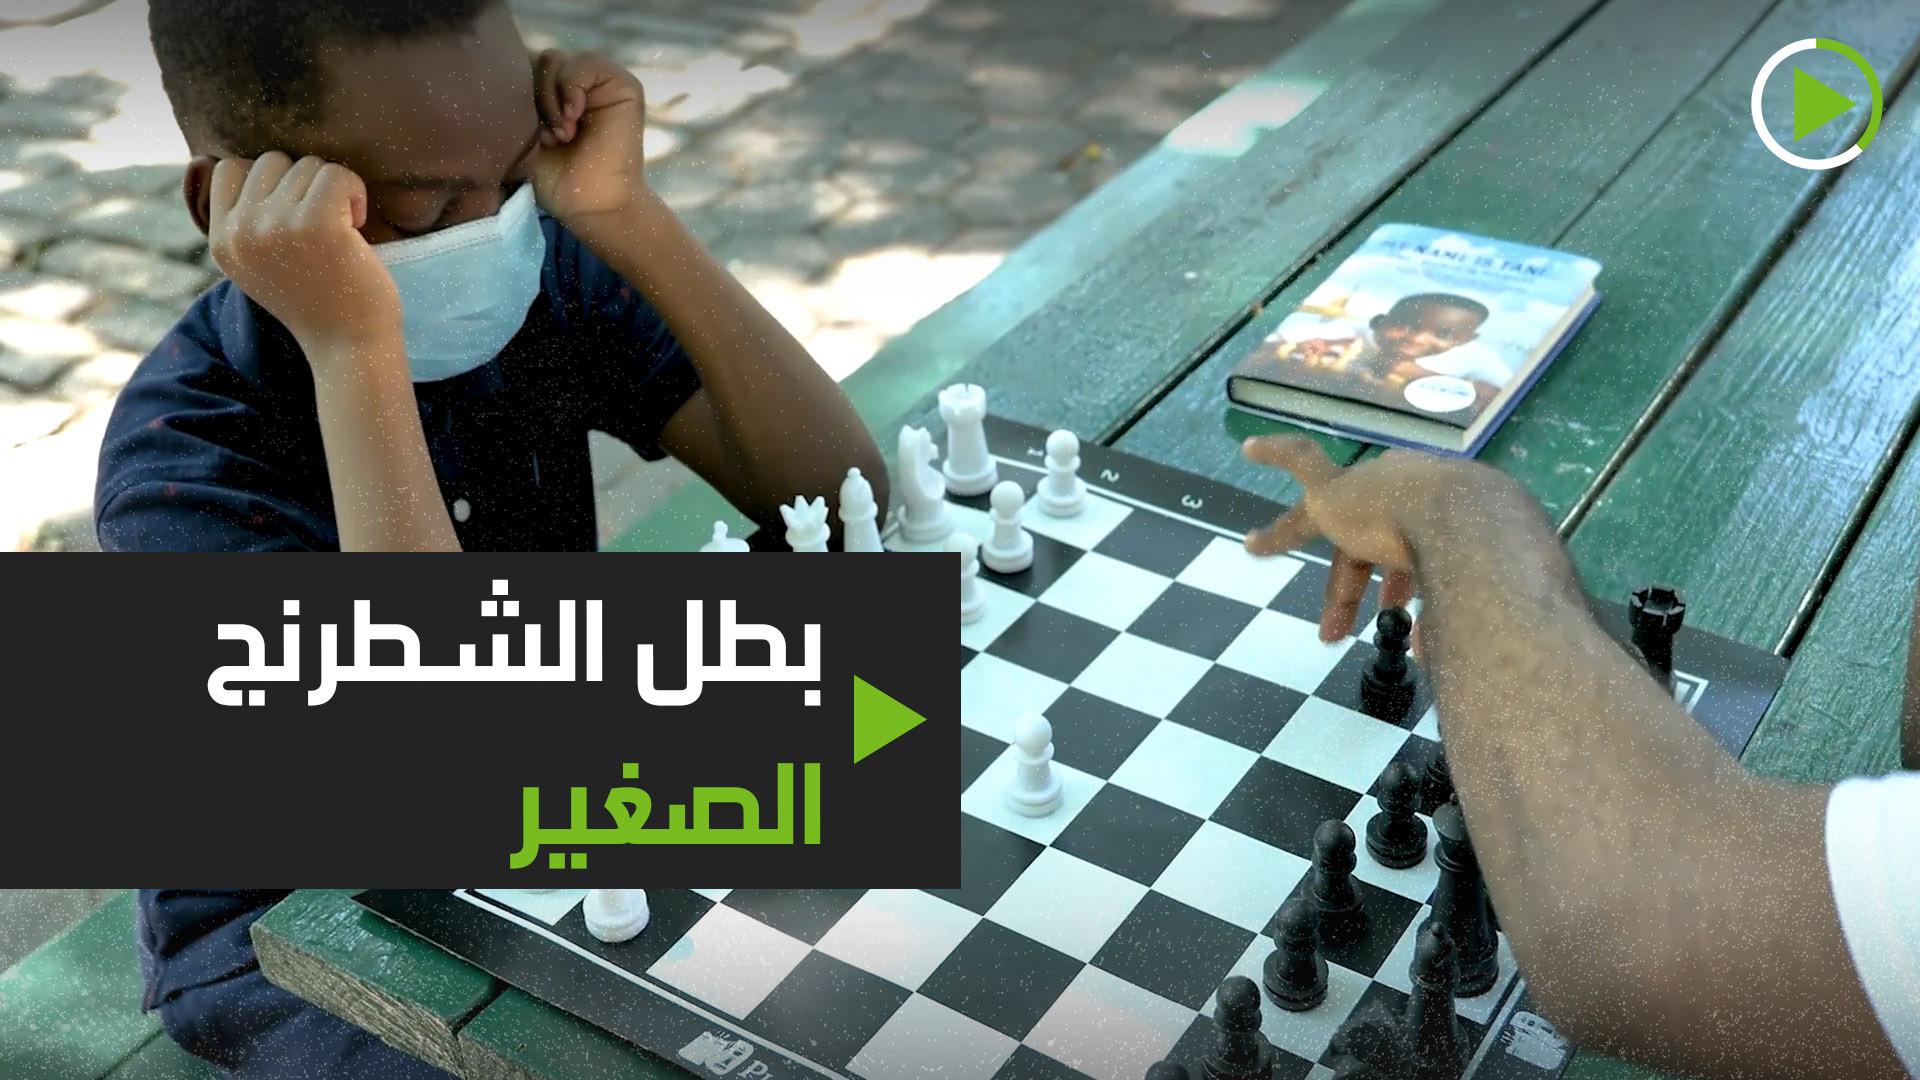 بطل الشطرنج الصغير